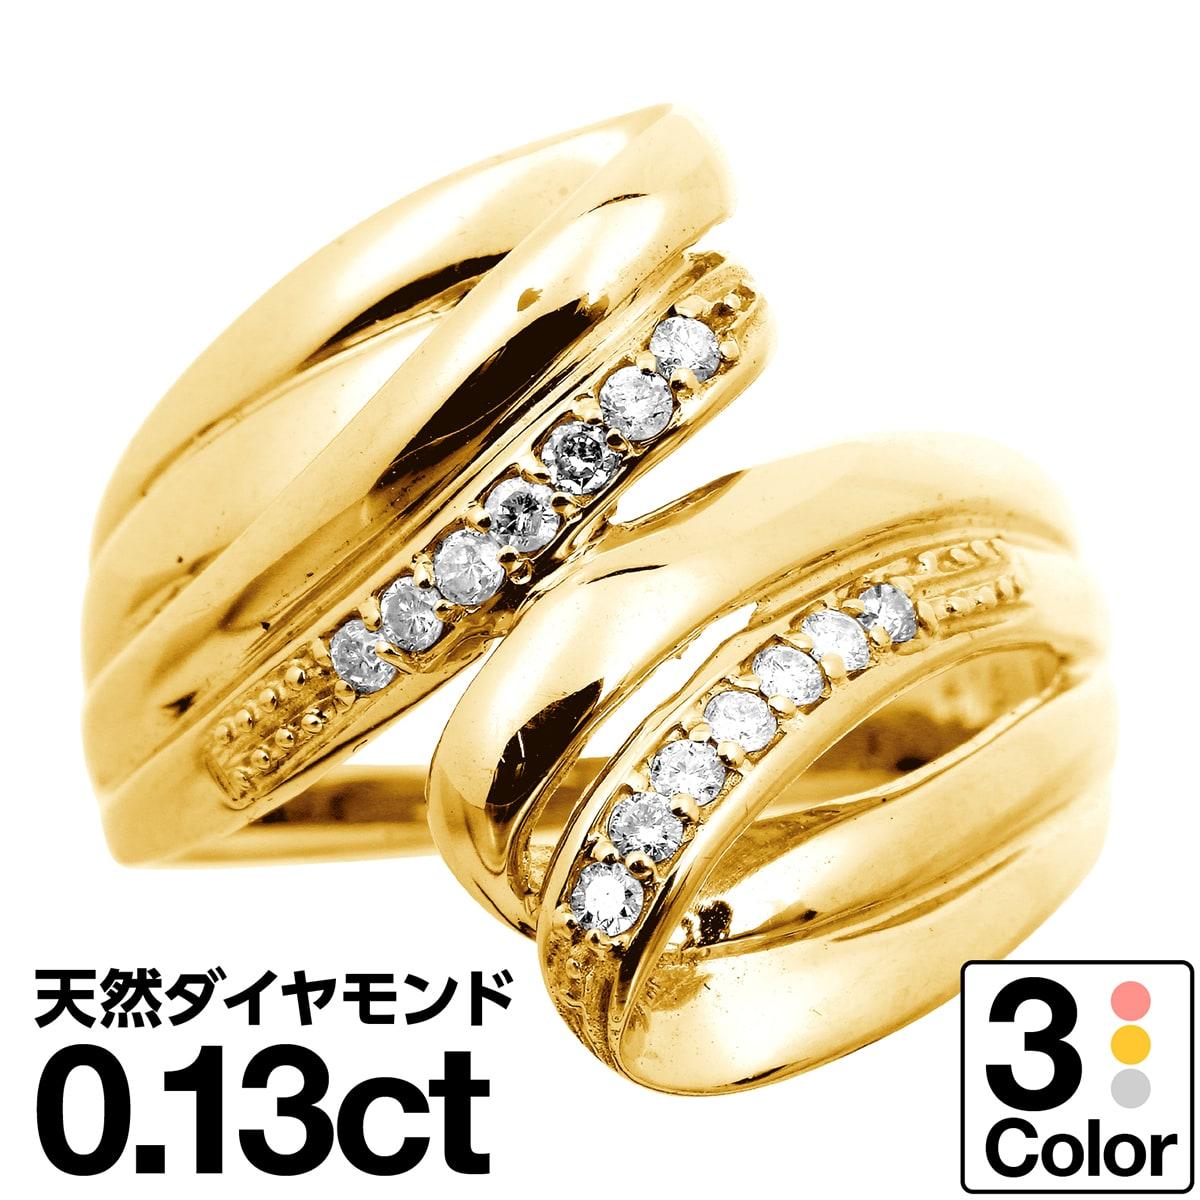 天然ダイヤモンド リング k10 イエローゴールド/ホワイトゴールド/ピンクゴールド 品質保証書 金属アレルギー 日本製